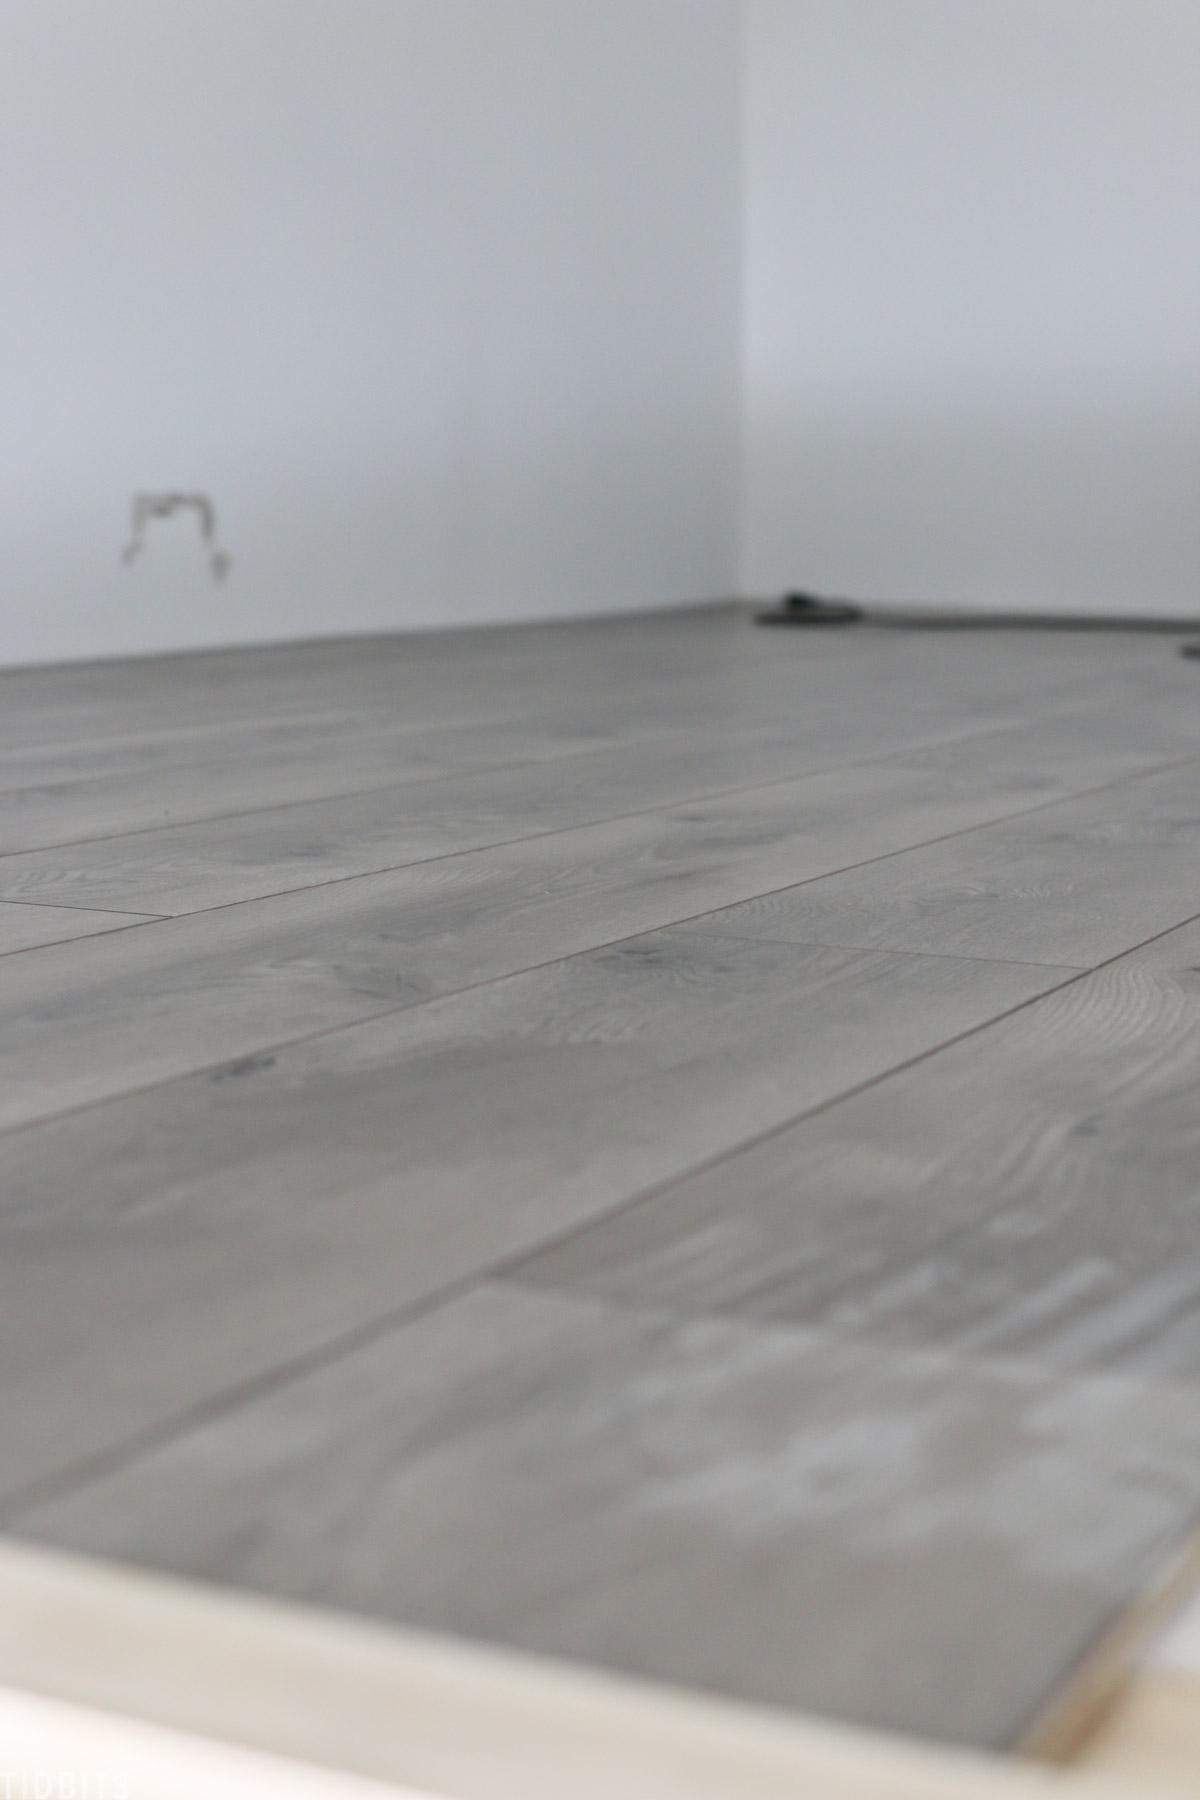 hardwood floor install in play loft in kids' bedroom